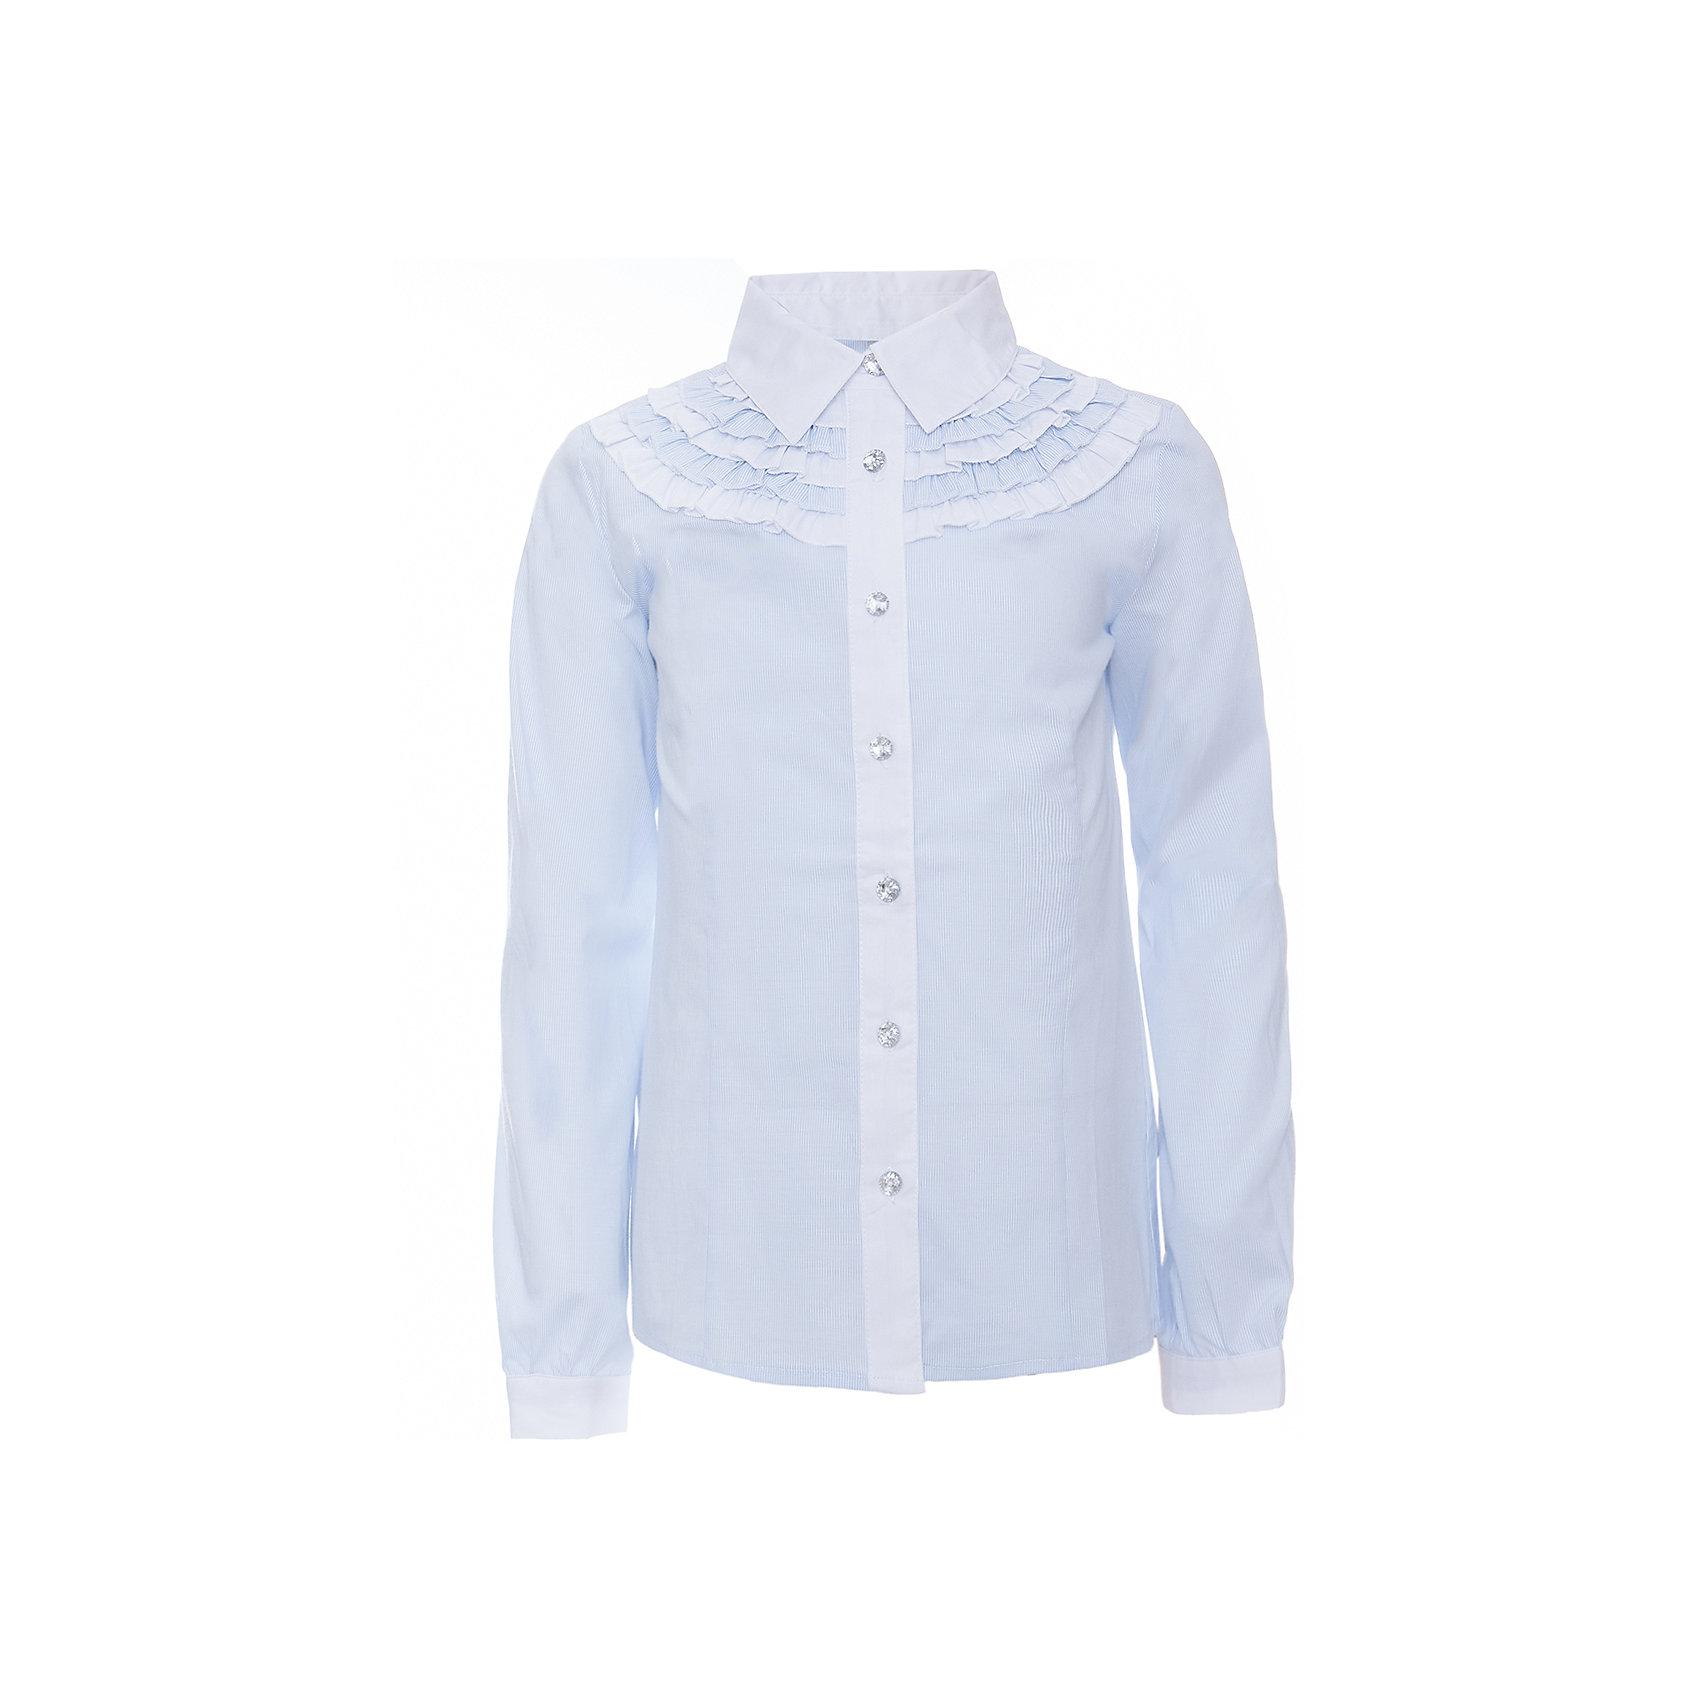 Блузка для девочки ScoolБлузки и рубашки<br>Блузка для девочки от известного бренда Scool<br>Состав:<br>65% хлопок, 32% полиэстер, 3% эластан<br>Стильная и женственная голубая блузка. Застегивается на сверкающие прозрачные пуговицы. Передняя планка и воротник контрастного белого цвета. Украшена нежными кокетками под воротником.<br><br>Ширина мм: 186<br>Глубина мм: 87<br>Высота мм: 198<br>Вес г: 197<br>Цвет: белый<br>Возраст от месяцев: 72<br>Возраст до месяцев: 84<br>Пол: Женский<br>Возраст: Детский<br>Размер: 122,158,134,152,164,146,140,128<br>SKU: 4686984